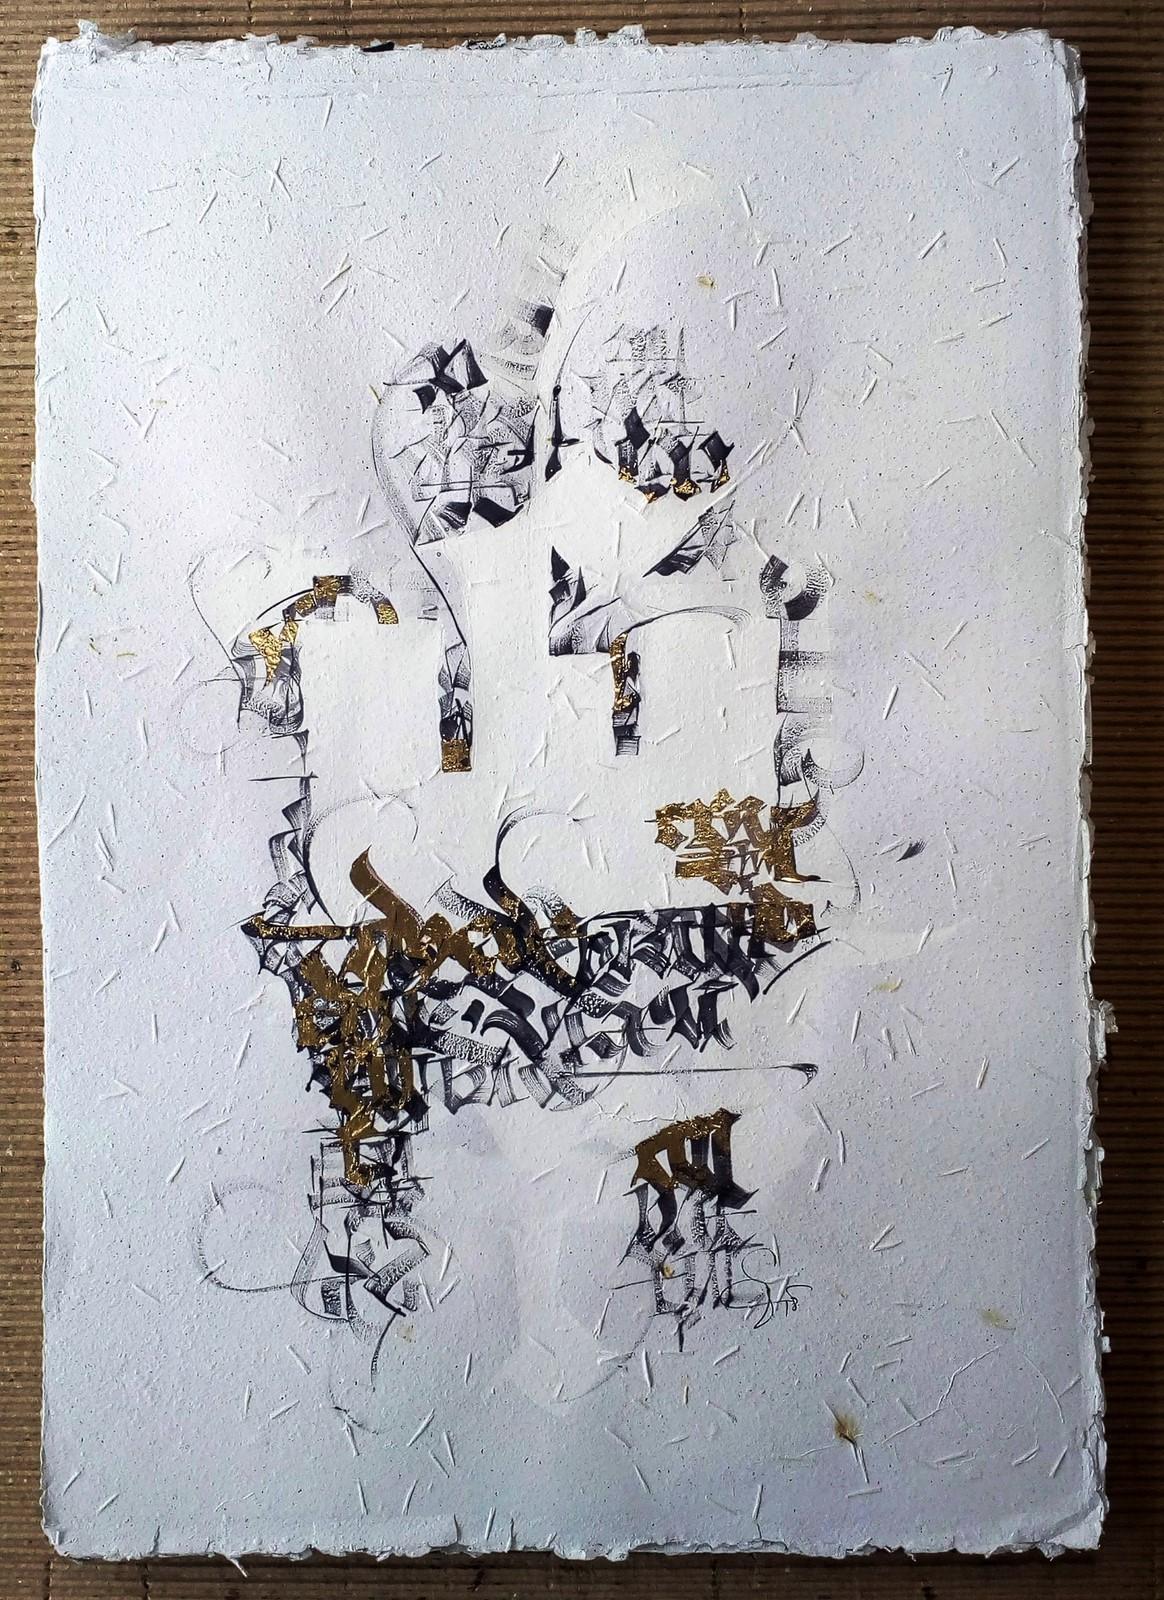 """<p>""""Bruta_La_E_ # 2"""", Bruta Koleksiyonu 2018, Rio de Janeiro'da Boyanmış, Geri dönüştürülmüş tohum kağıt üzerine akrilik ve altın yaprak. Fırça 50 x 70 cm boyutlarında, 2018.<br /><em>""""Bruta_La_E_#2"""", Bruta Collection 2018. Painted in Rio de Janeiro, Acrylic and golden leaf on seed recycled paper, Brush</em><em>Dimensions: 50 x 70 cm, 2018.</em></p><p></p>"""